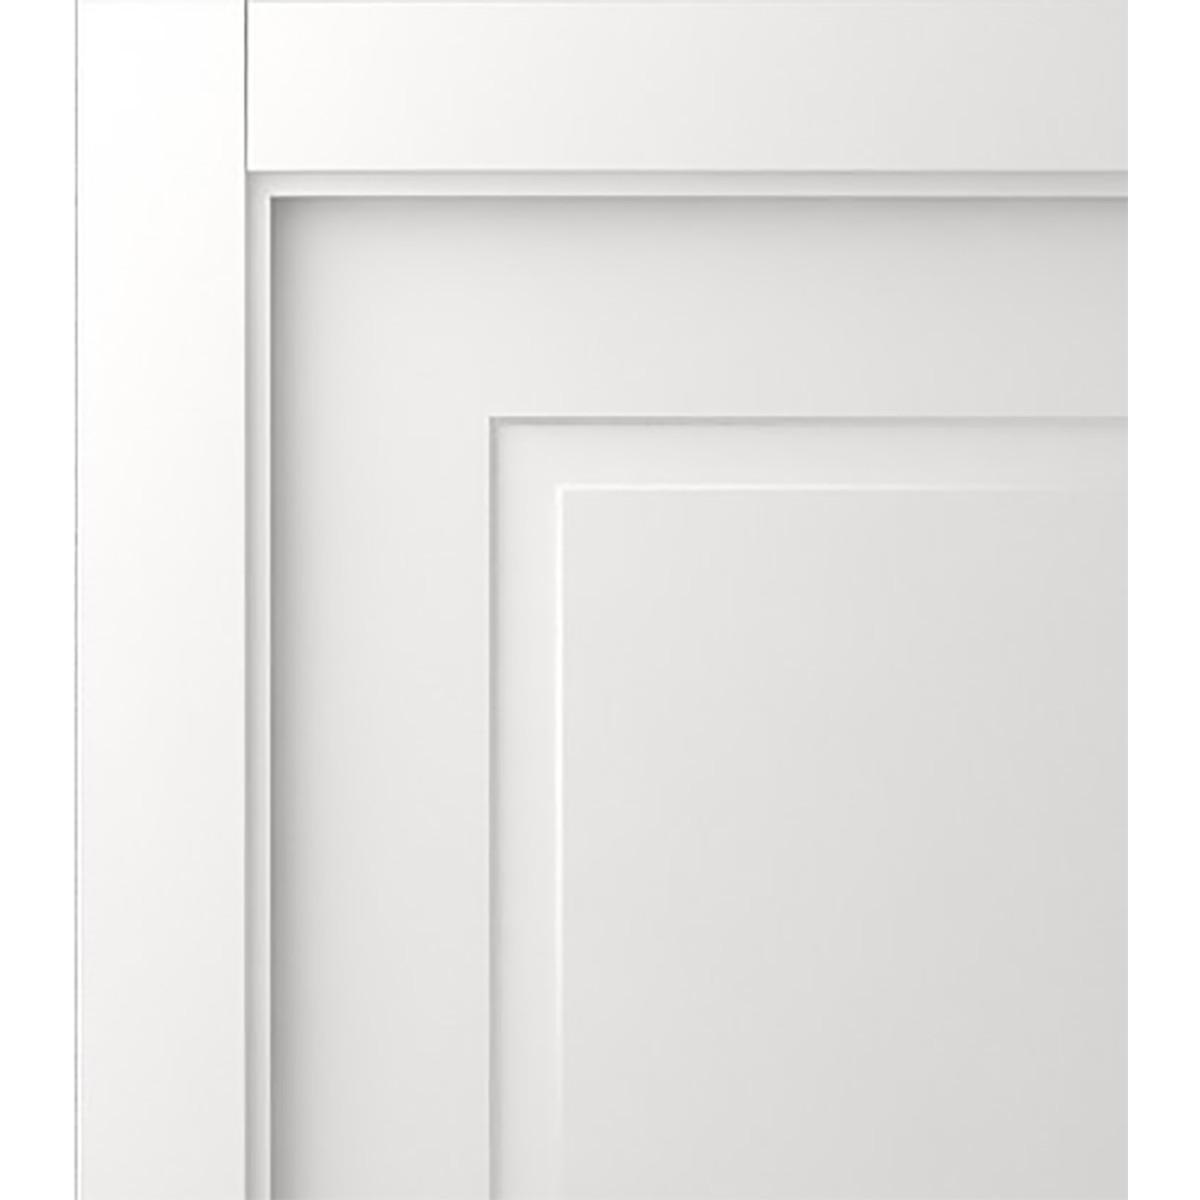 Дверь Межкомнатная Глухая С Замком В Комплекте Британия 80x200 Цвет Белый